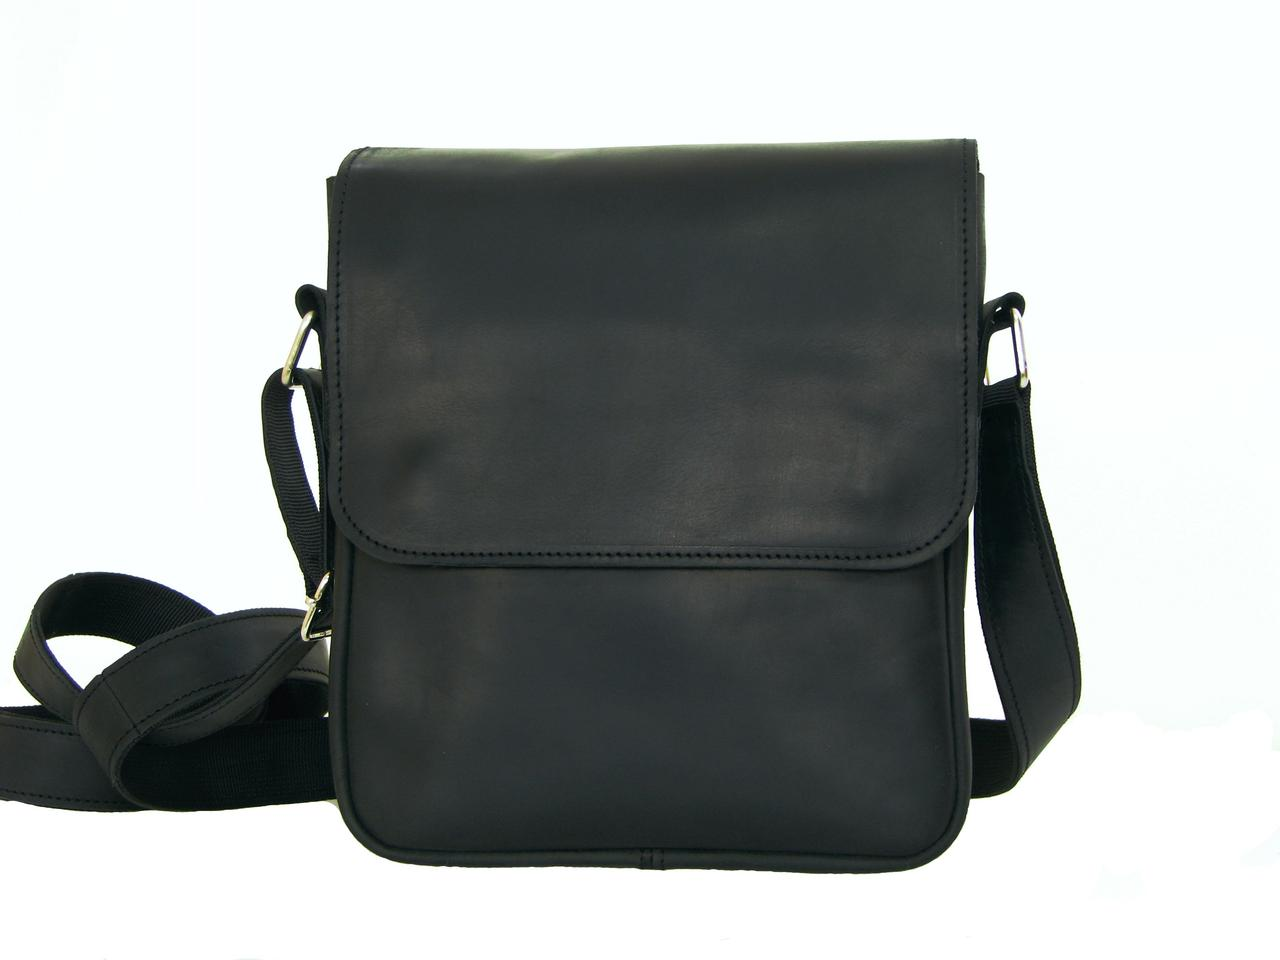 5095c0f795db Кожаная мужская повседневная сумка черного цвета : продажа, цена в ...